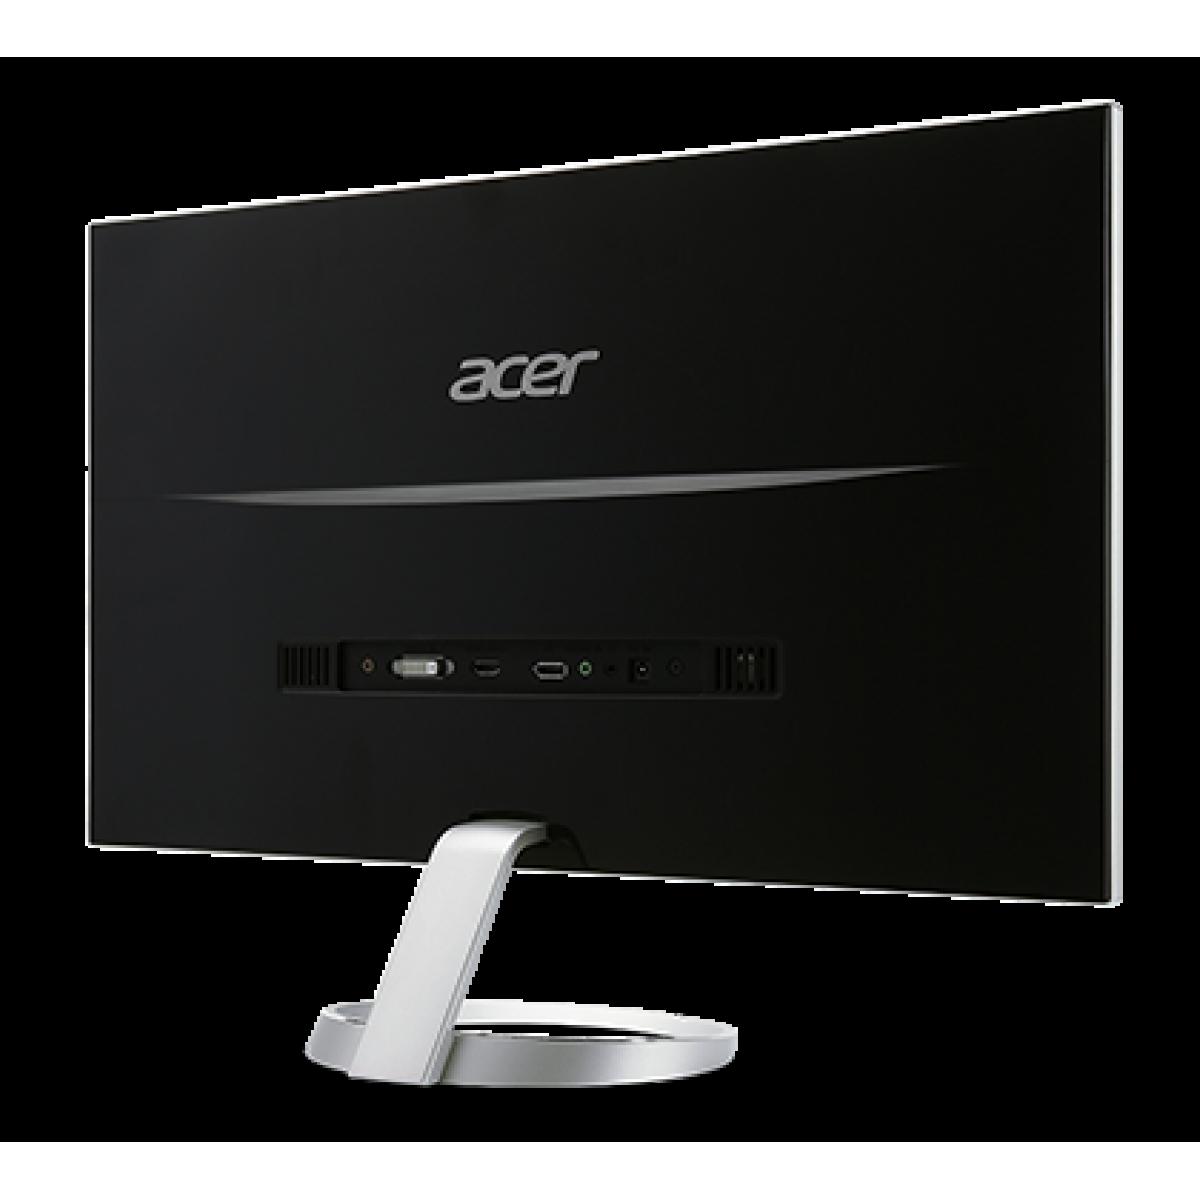 Monitor Gamer Acer 27 Pol, WQHD, H277HU